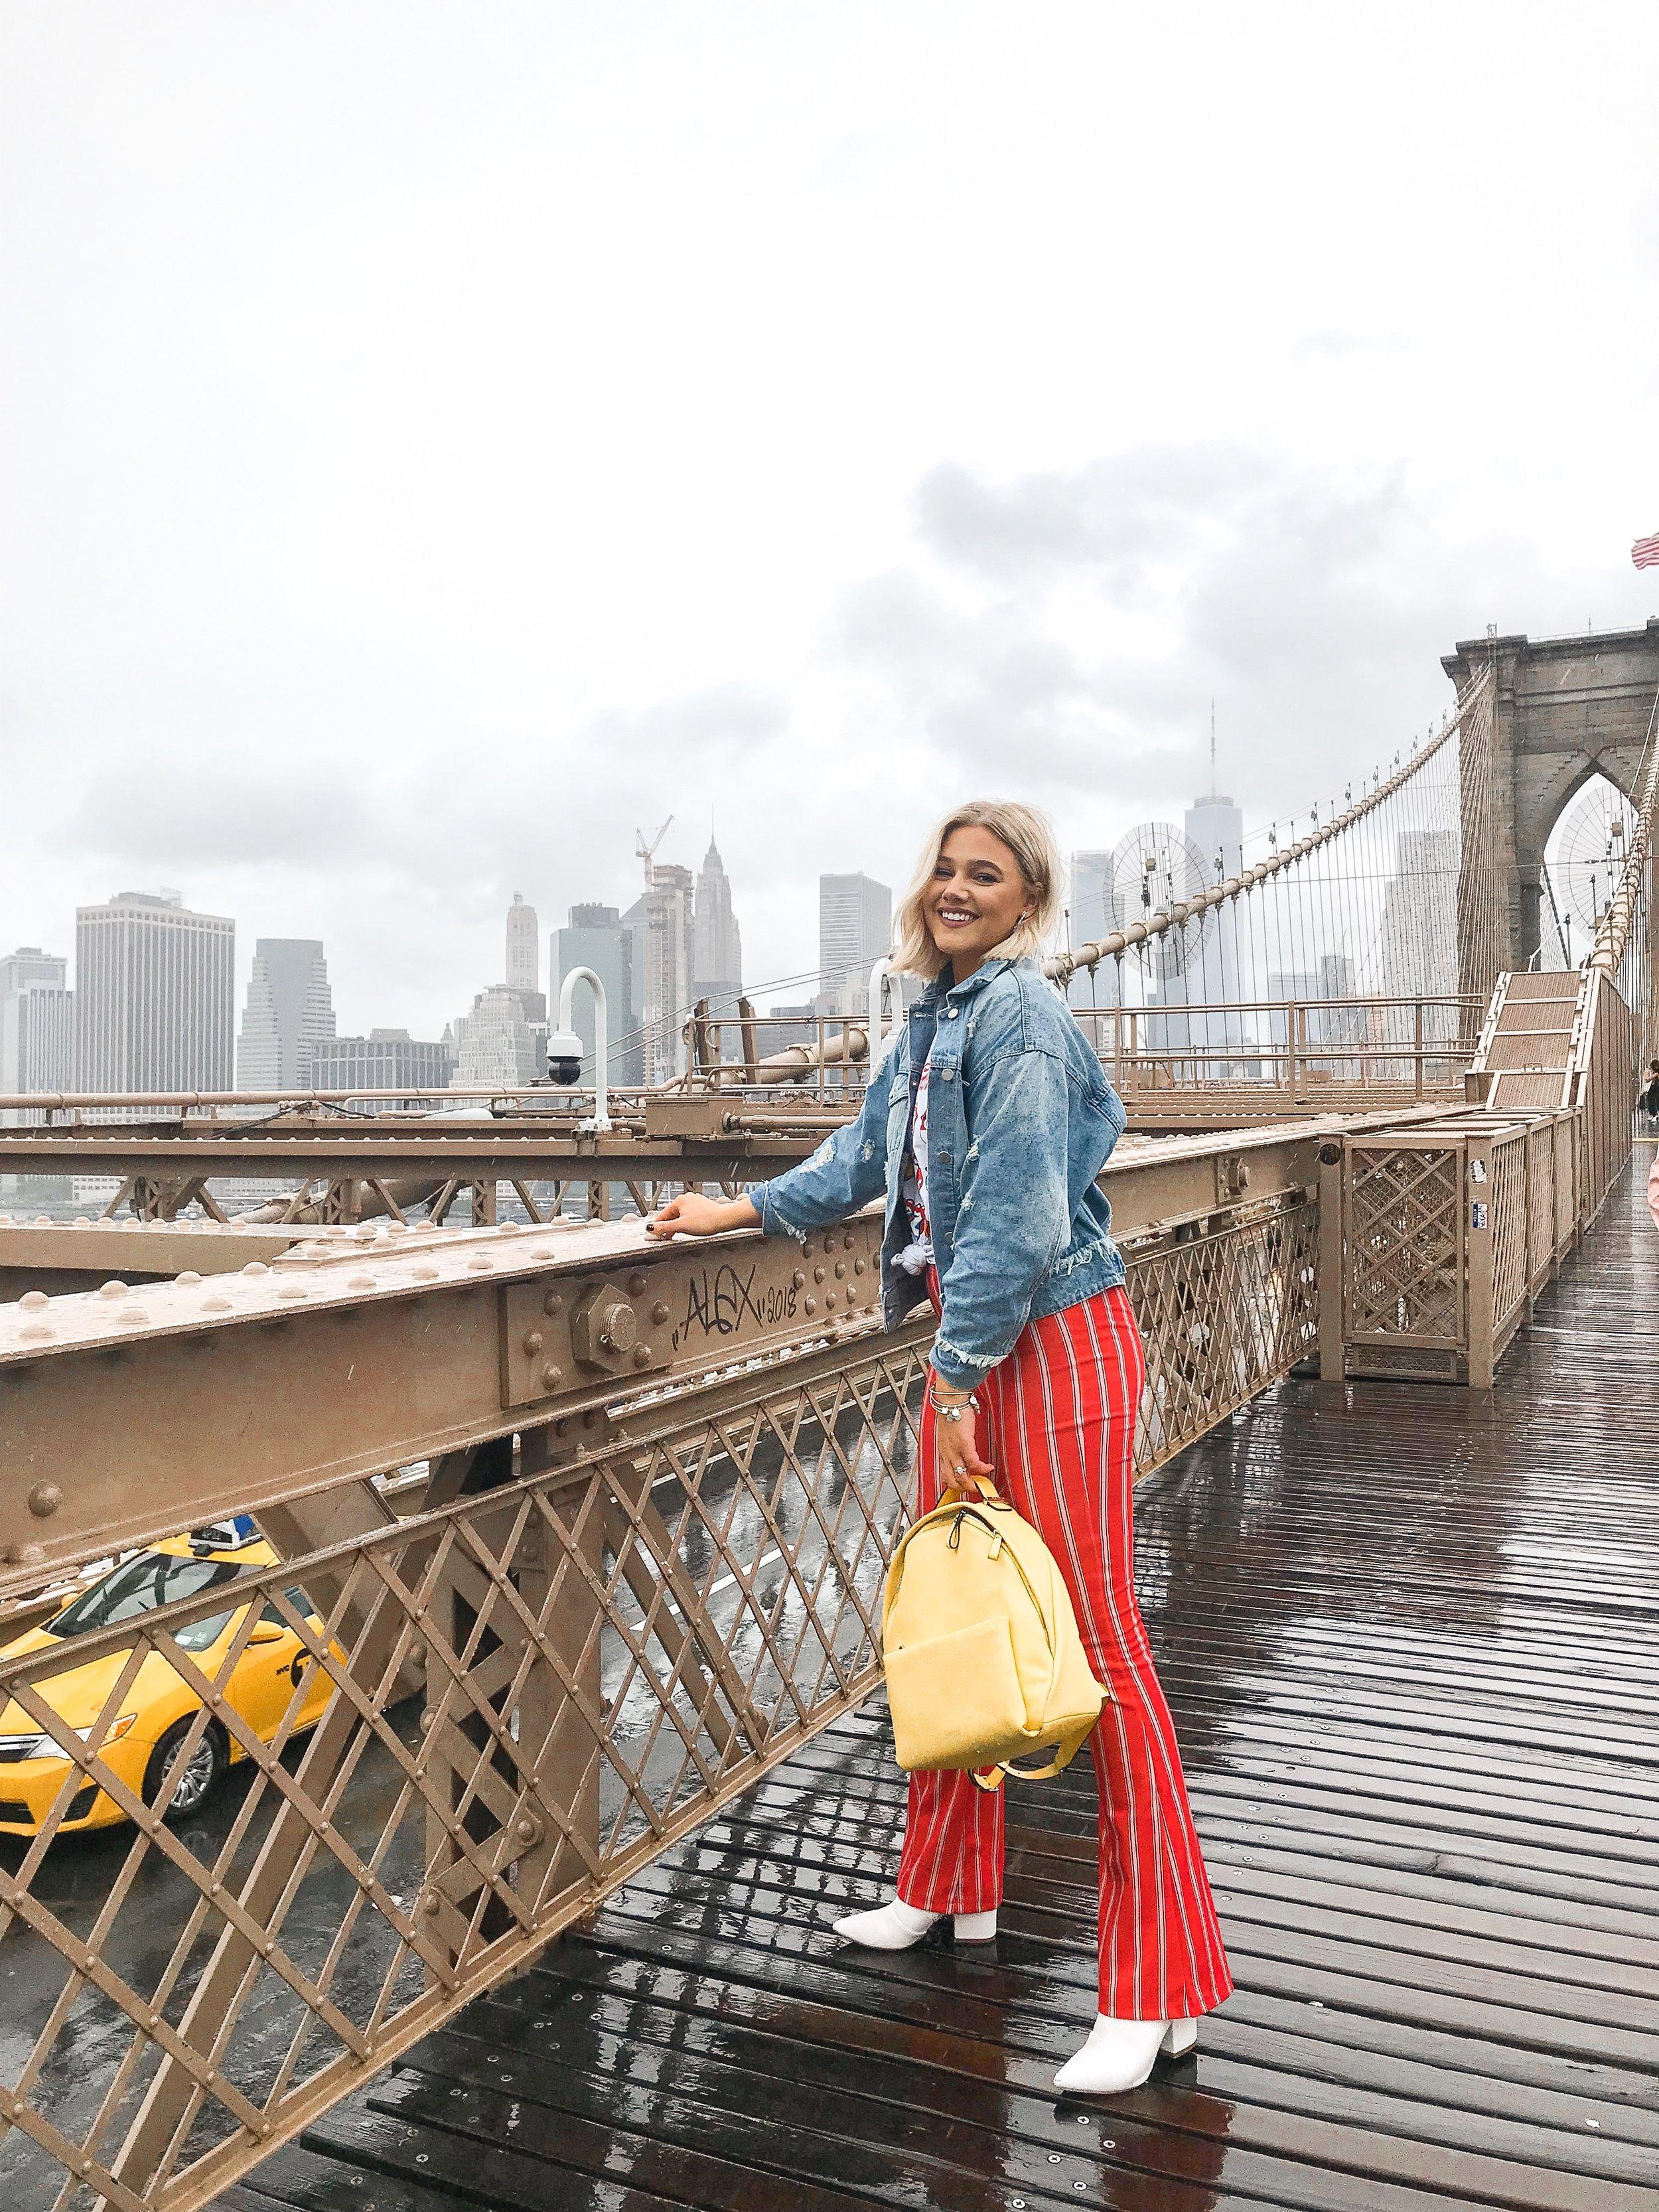 Bre Sheppard - My First NYFW - Brooklyn Bride.JPG